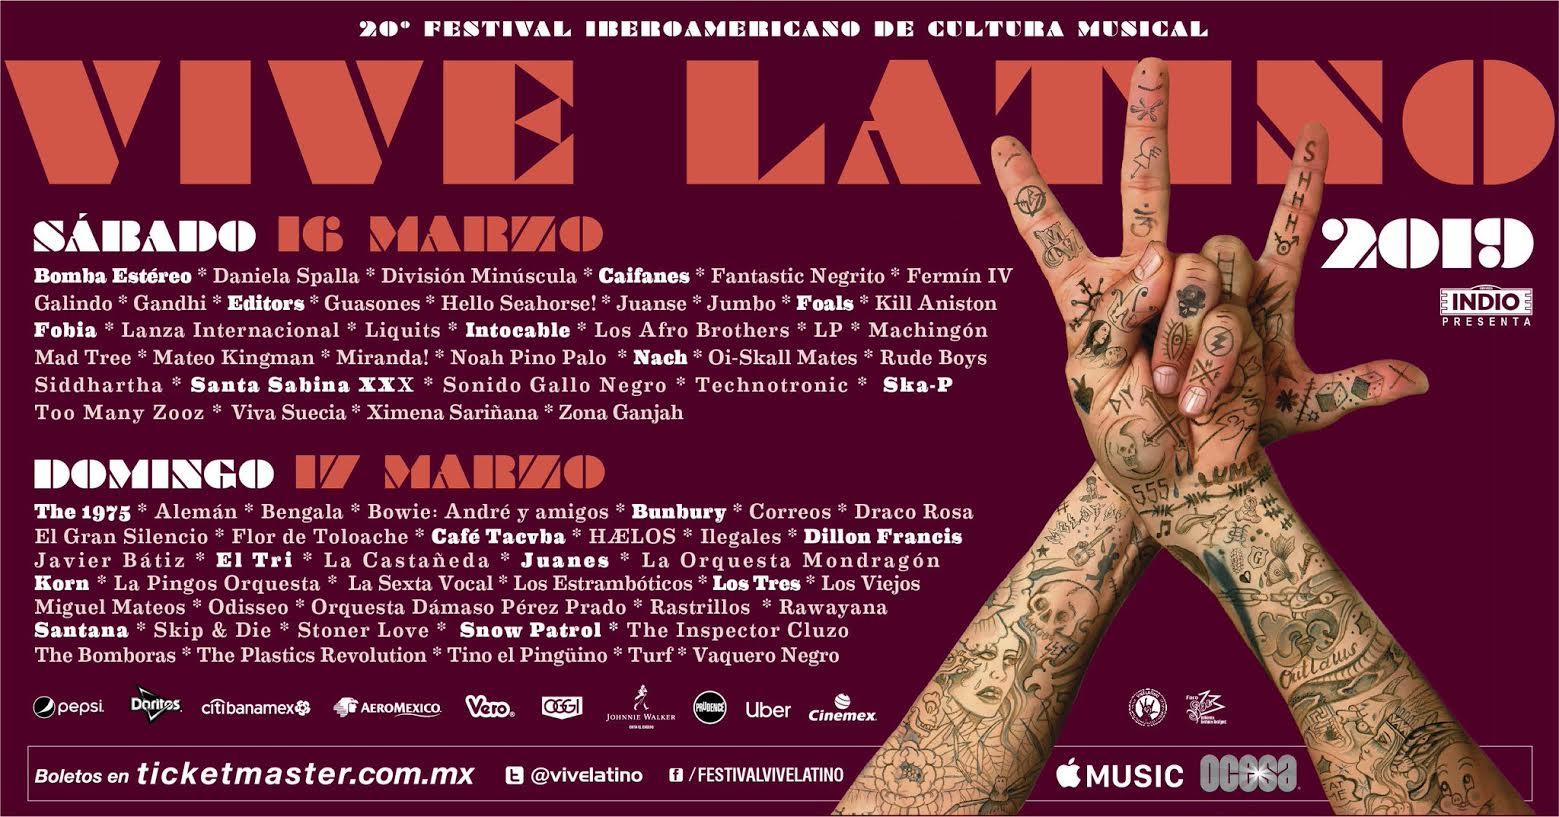 20 años de éxitos del Vive Latino